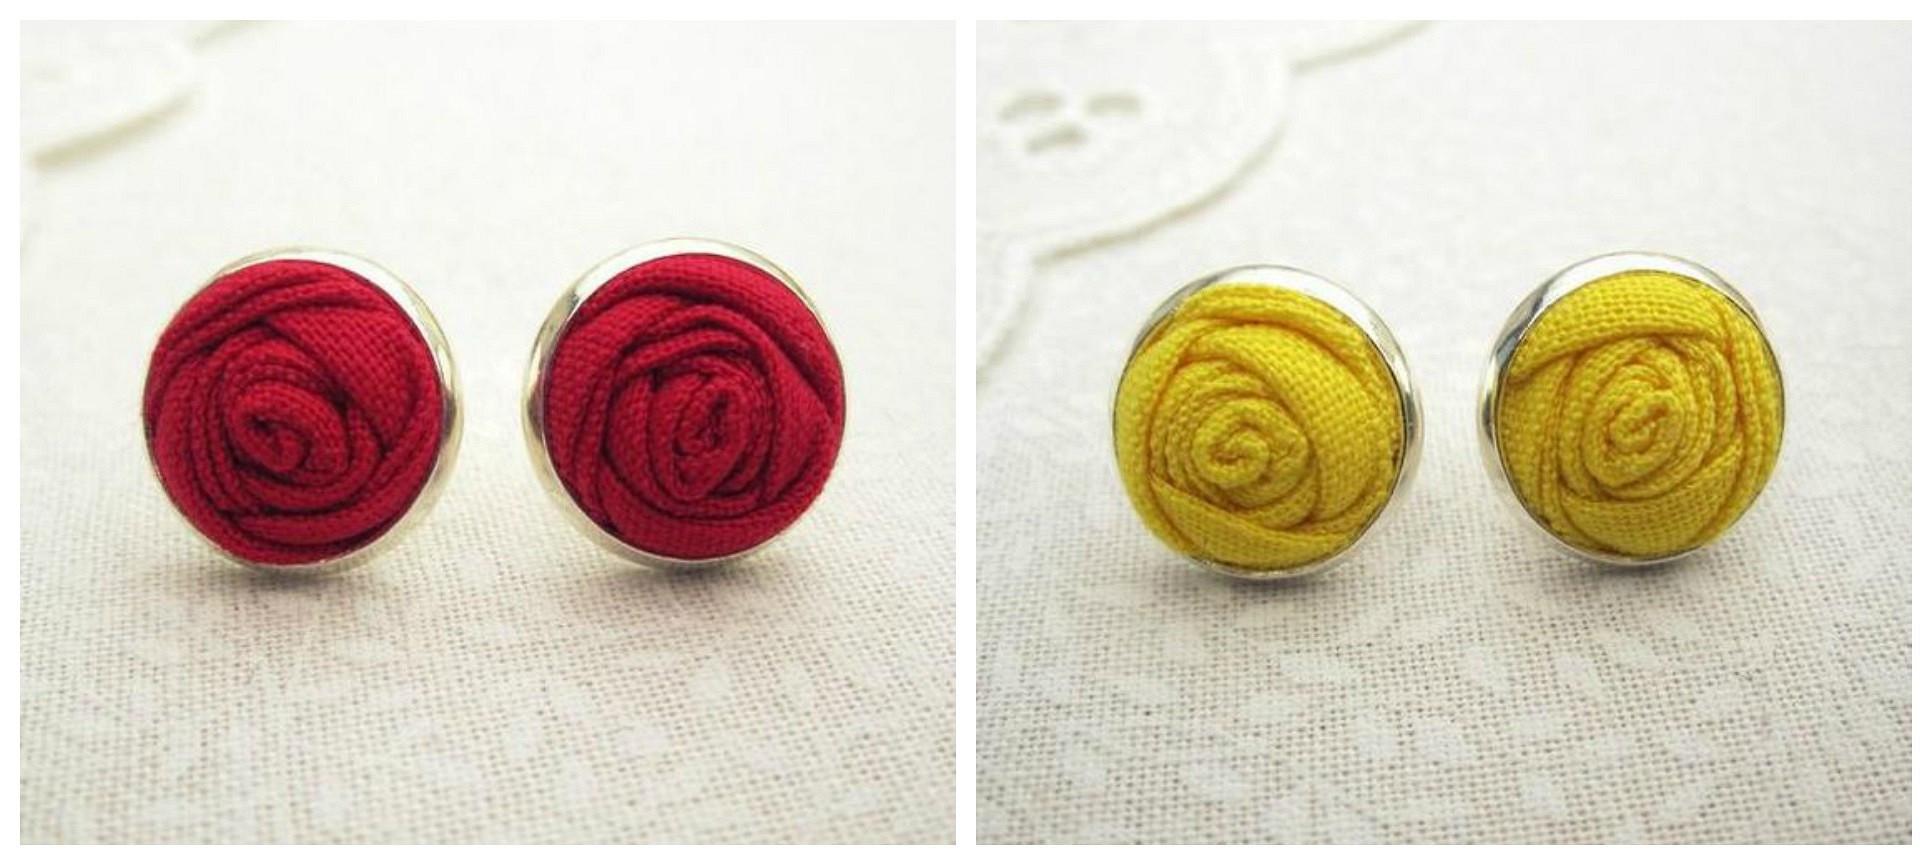 Мастер-класс: декоративные пуговицы ввиде бутона розы